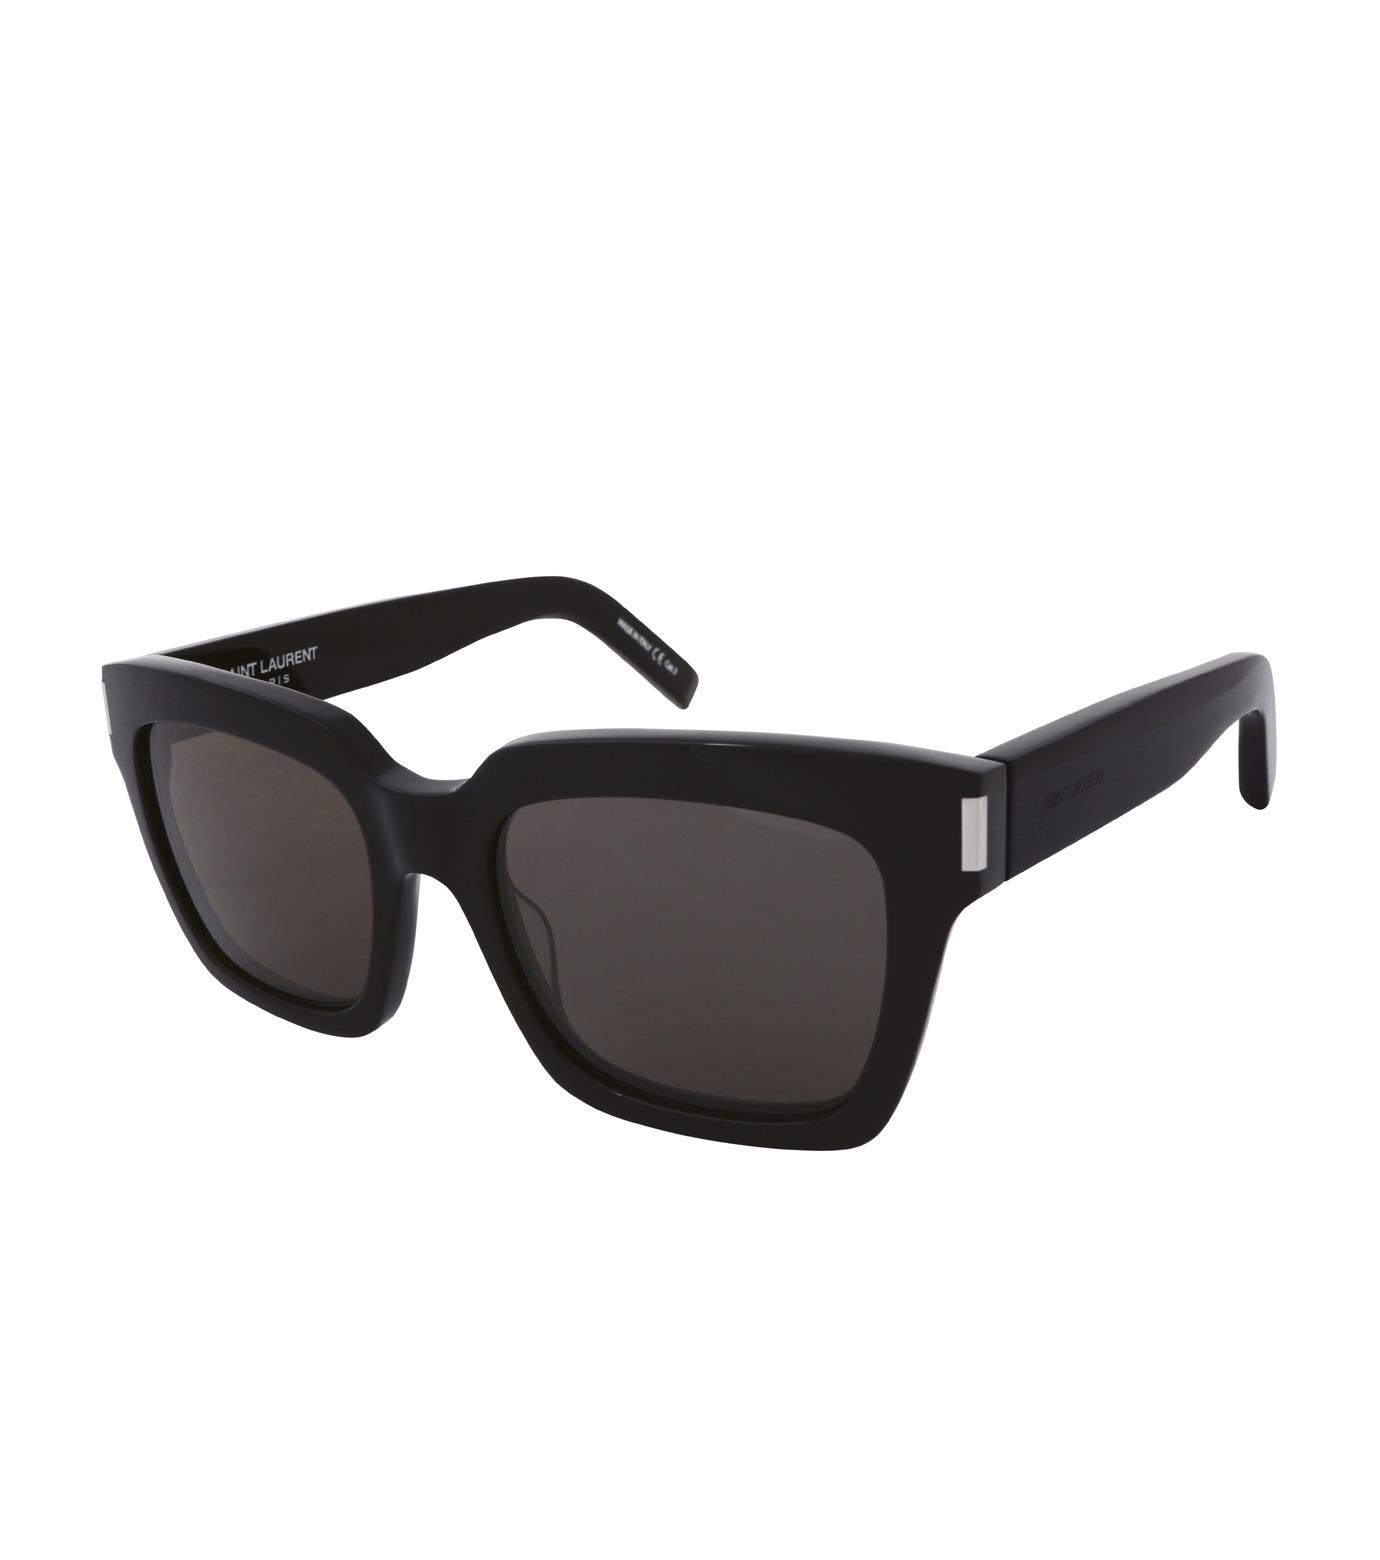 SAINT LAURENT(サンローラン)のClassic SL 51-BLACK(アイウェア/eyewear)-419713-Y9909-13 拡大詳細画像1